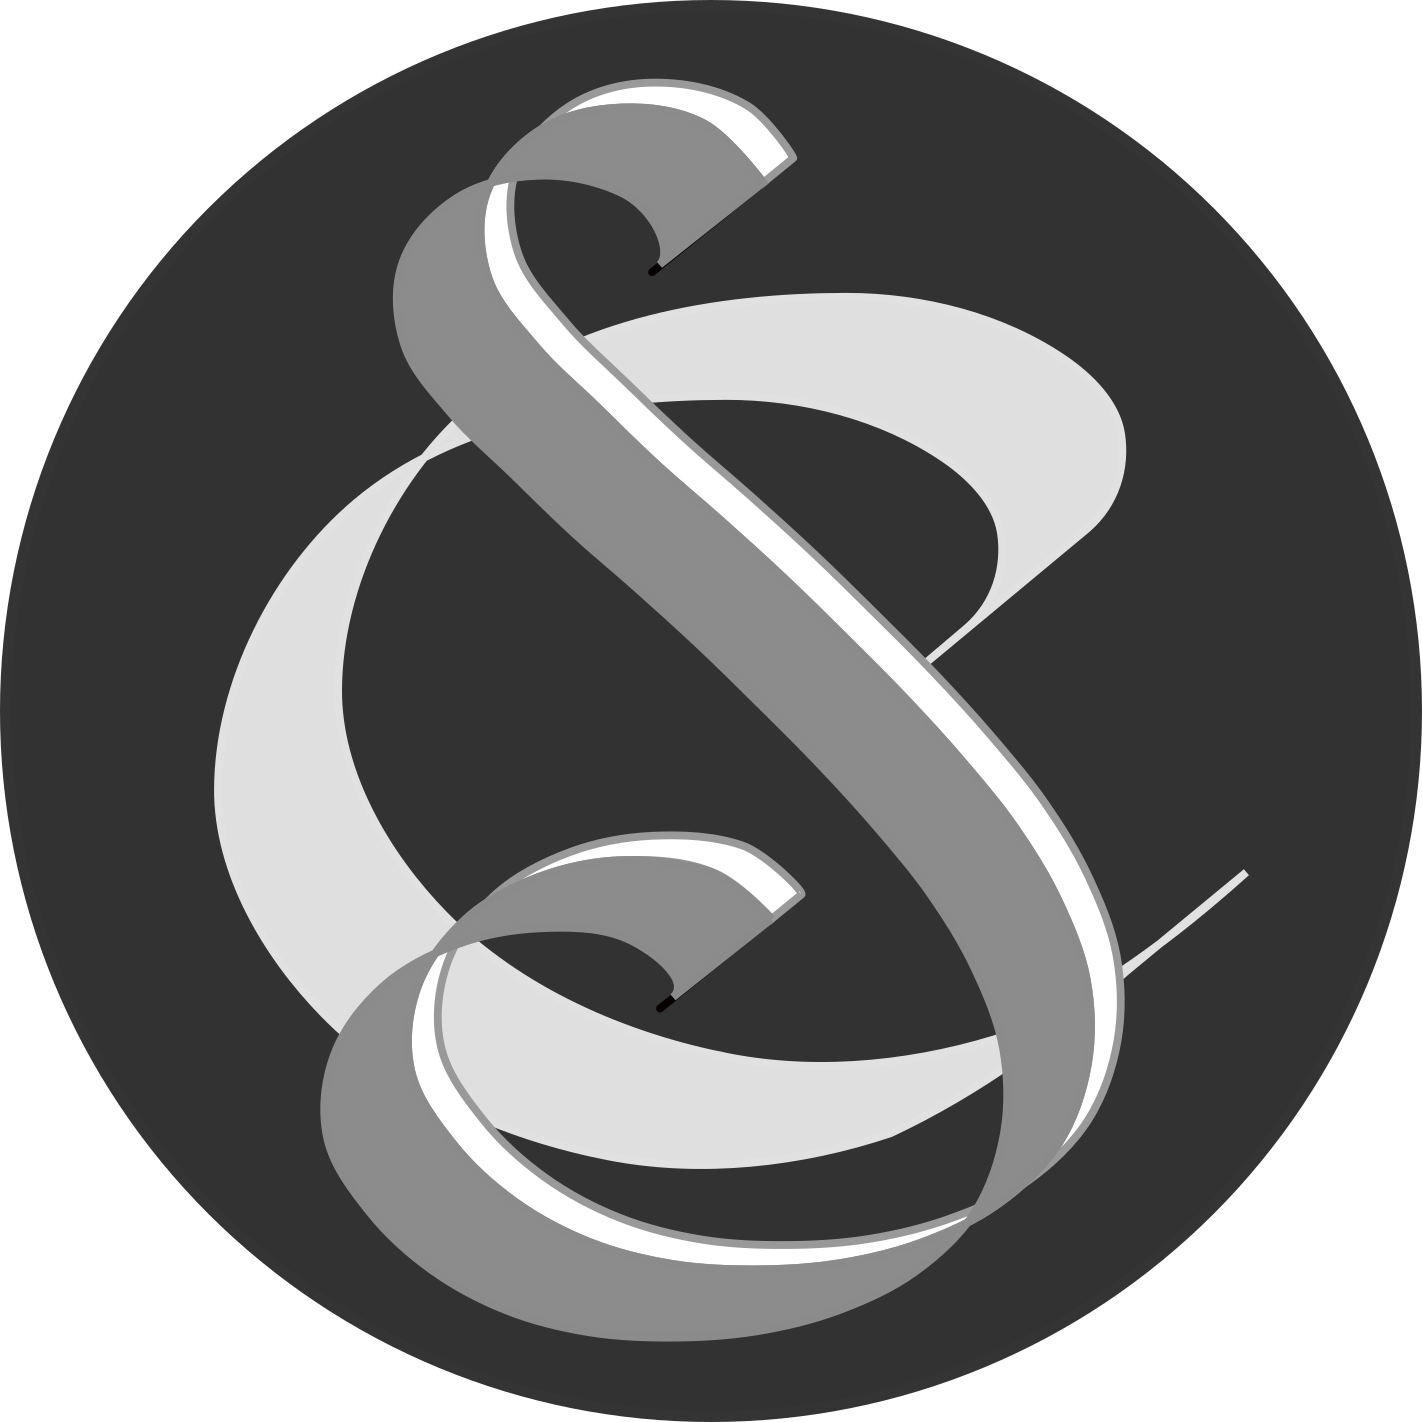 Streatham Choral logo